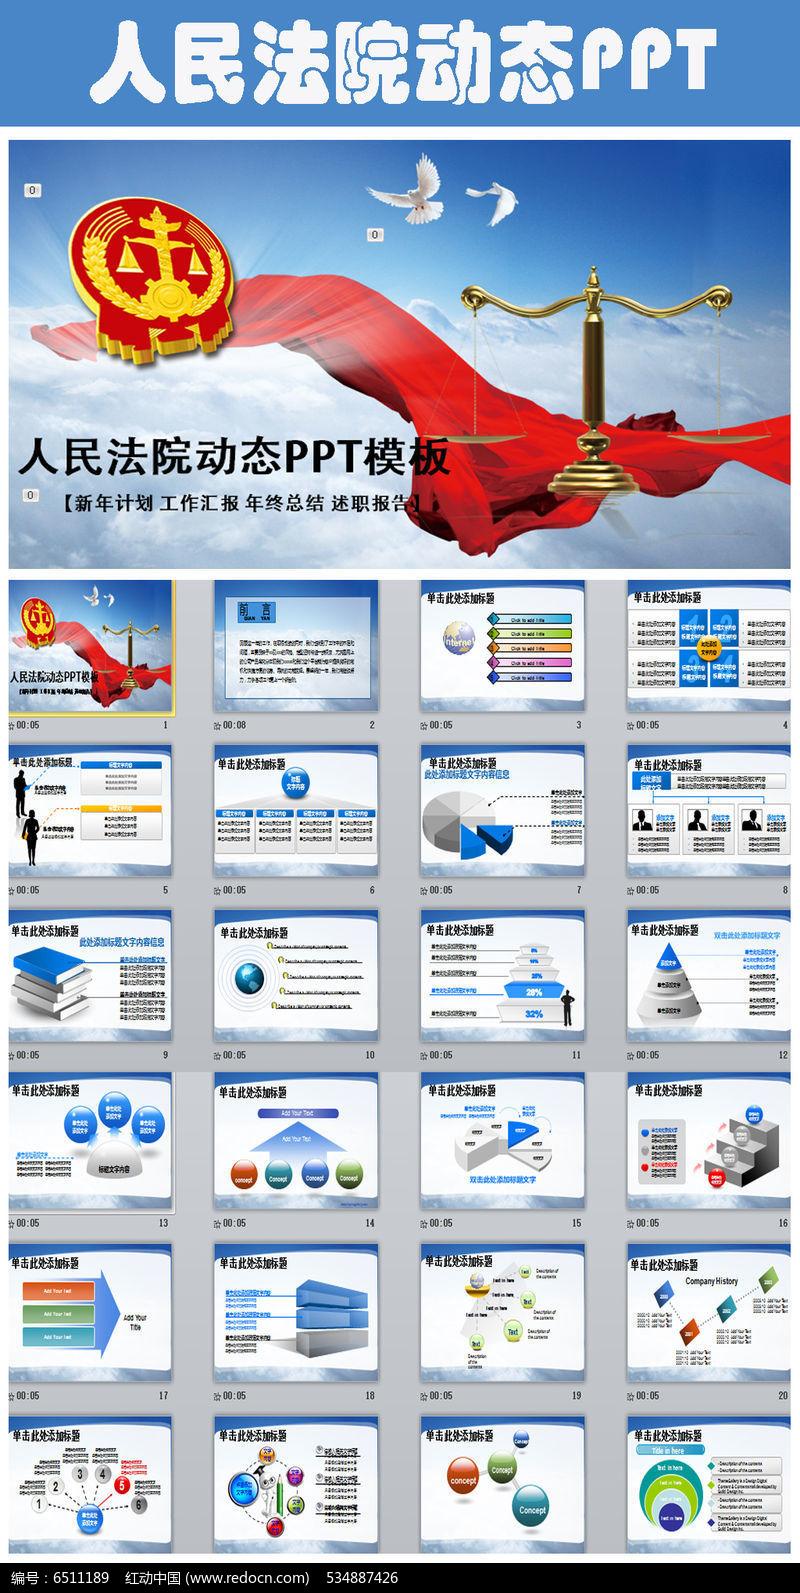 正公平法律总结PPT模板素材下载 编号6511189 红动网